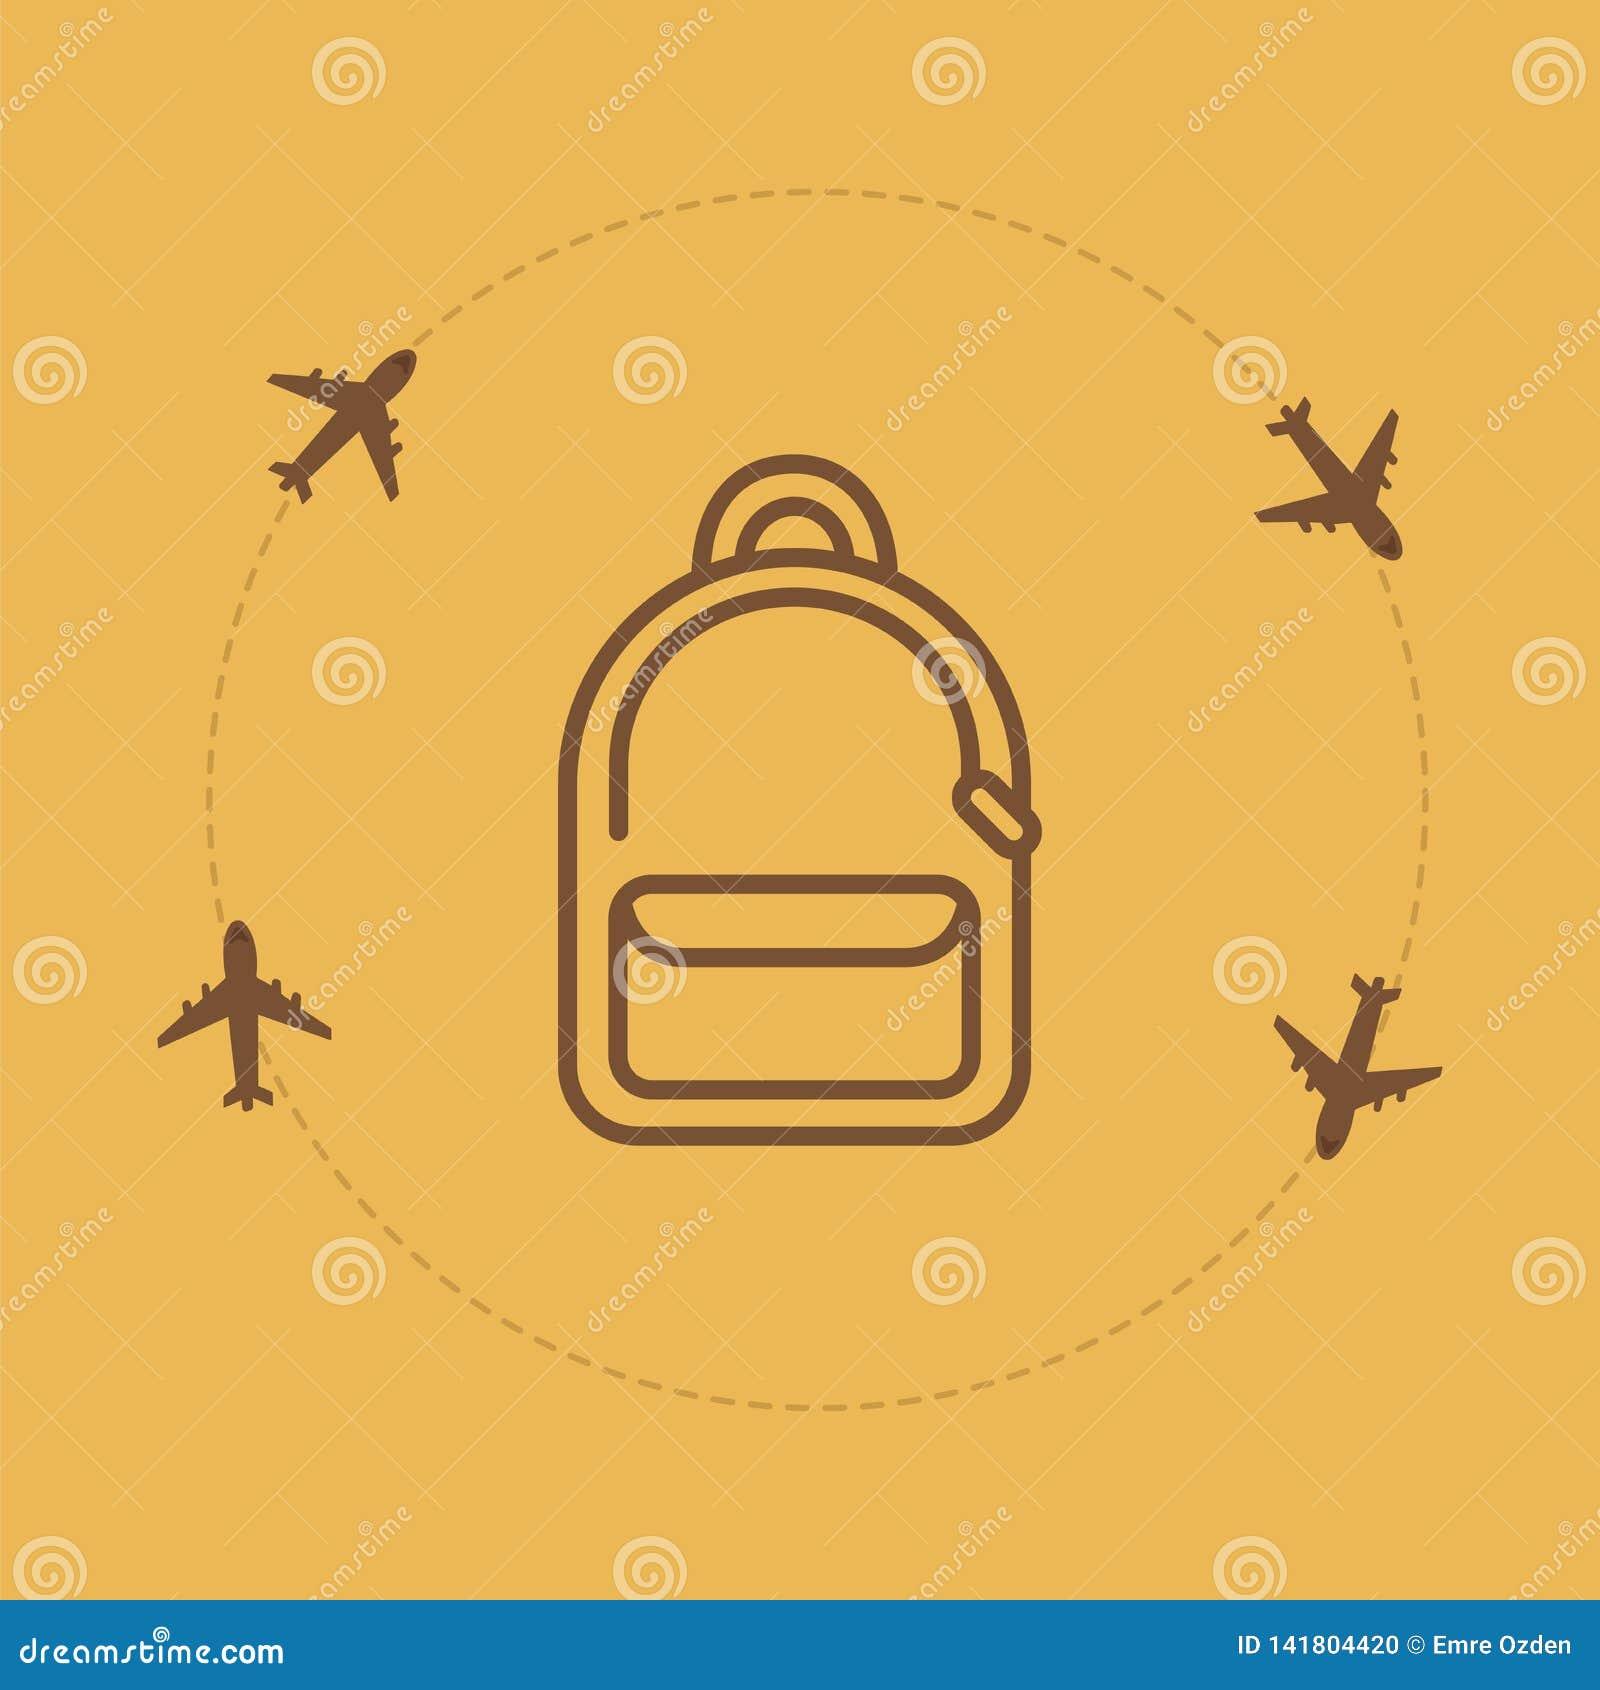 Bag travel background